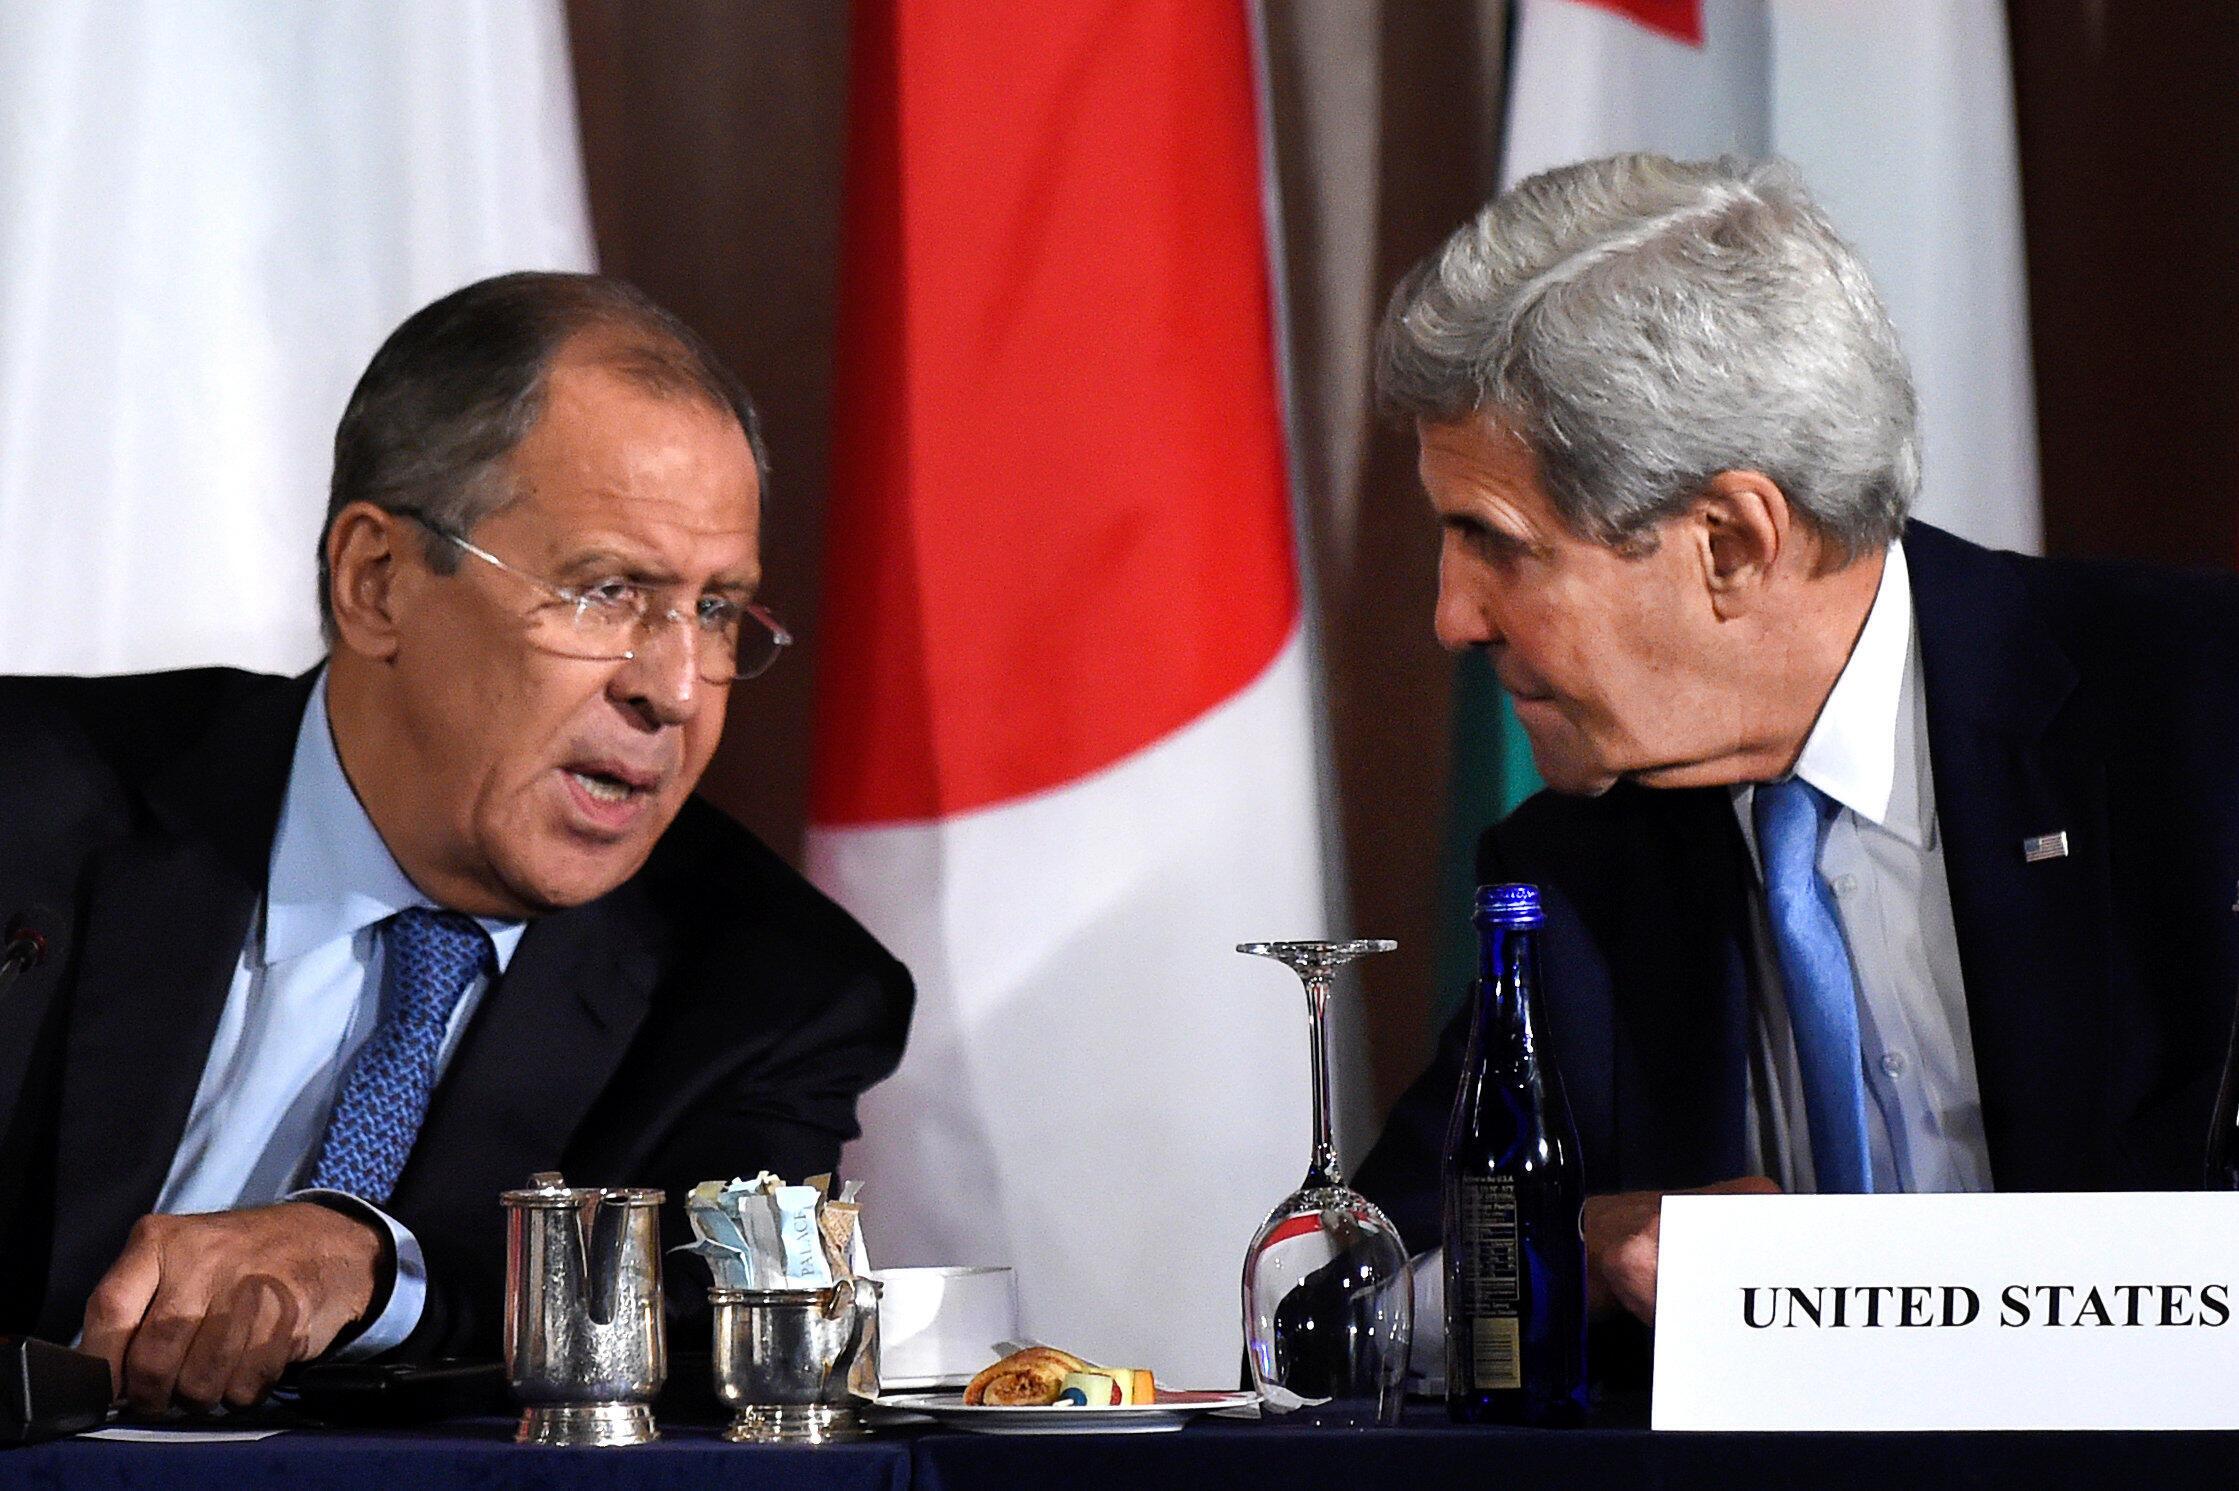 2016年9月22日,美國國務卿約翰·克里與俄羅斯外長拉夫羅夫,在美國紐約曼哈頓的皇宮酒店舉行的敘利亞國際會議上交談。